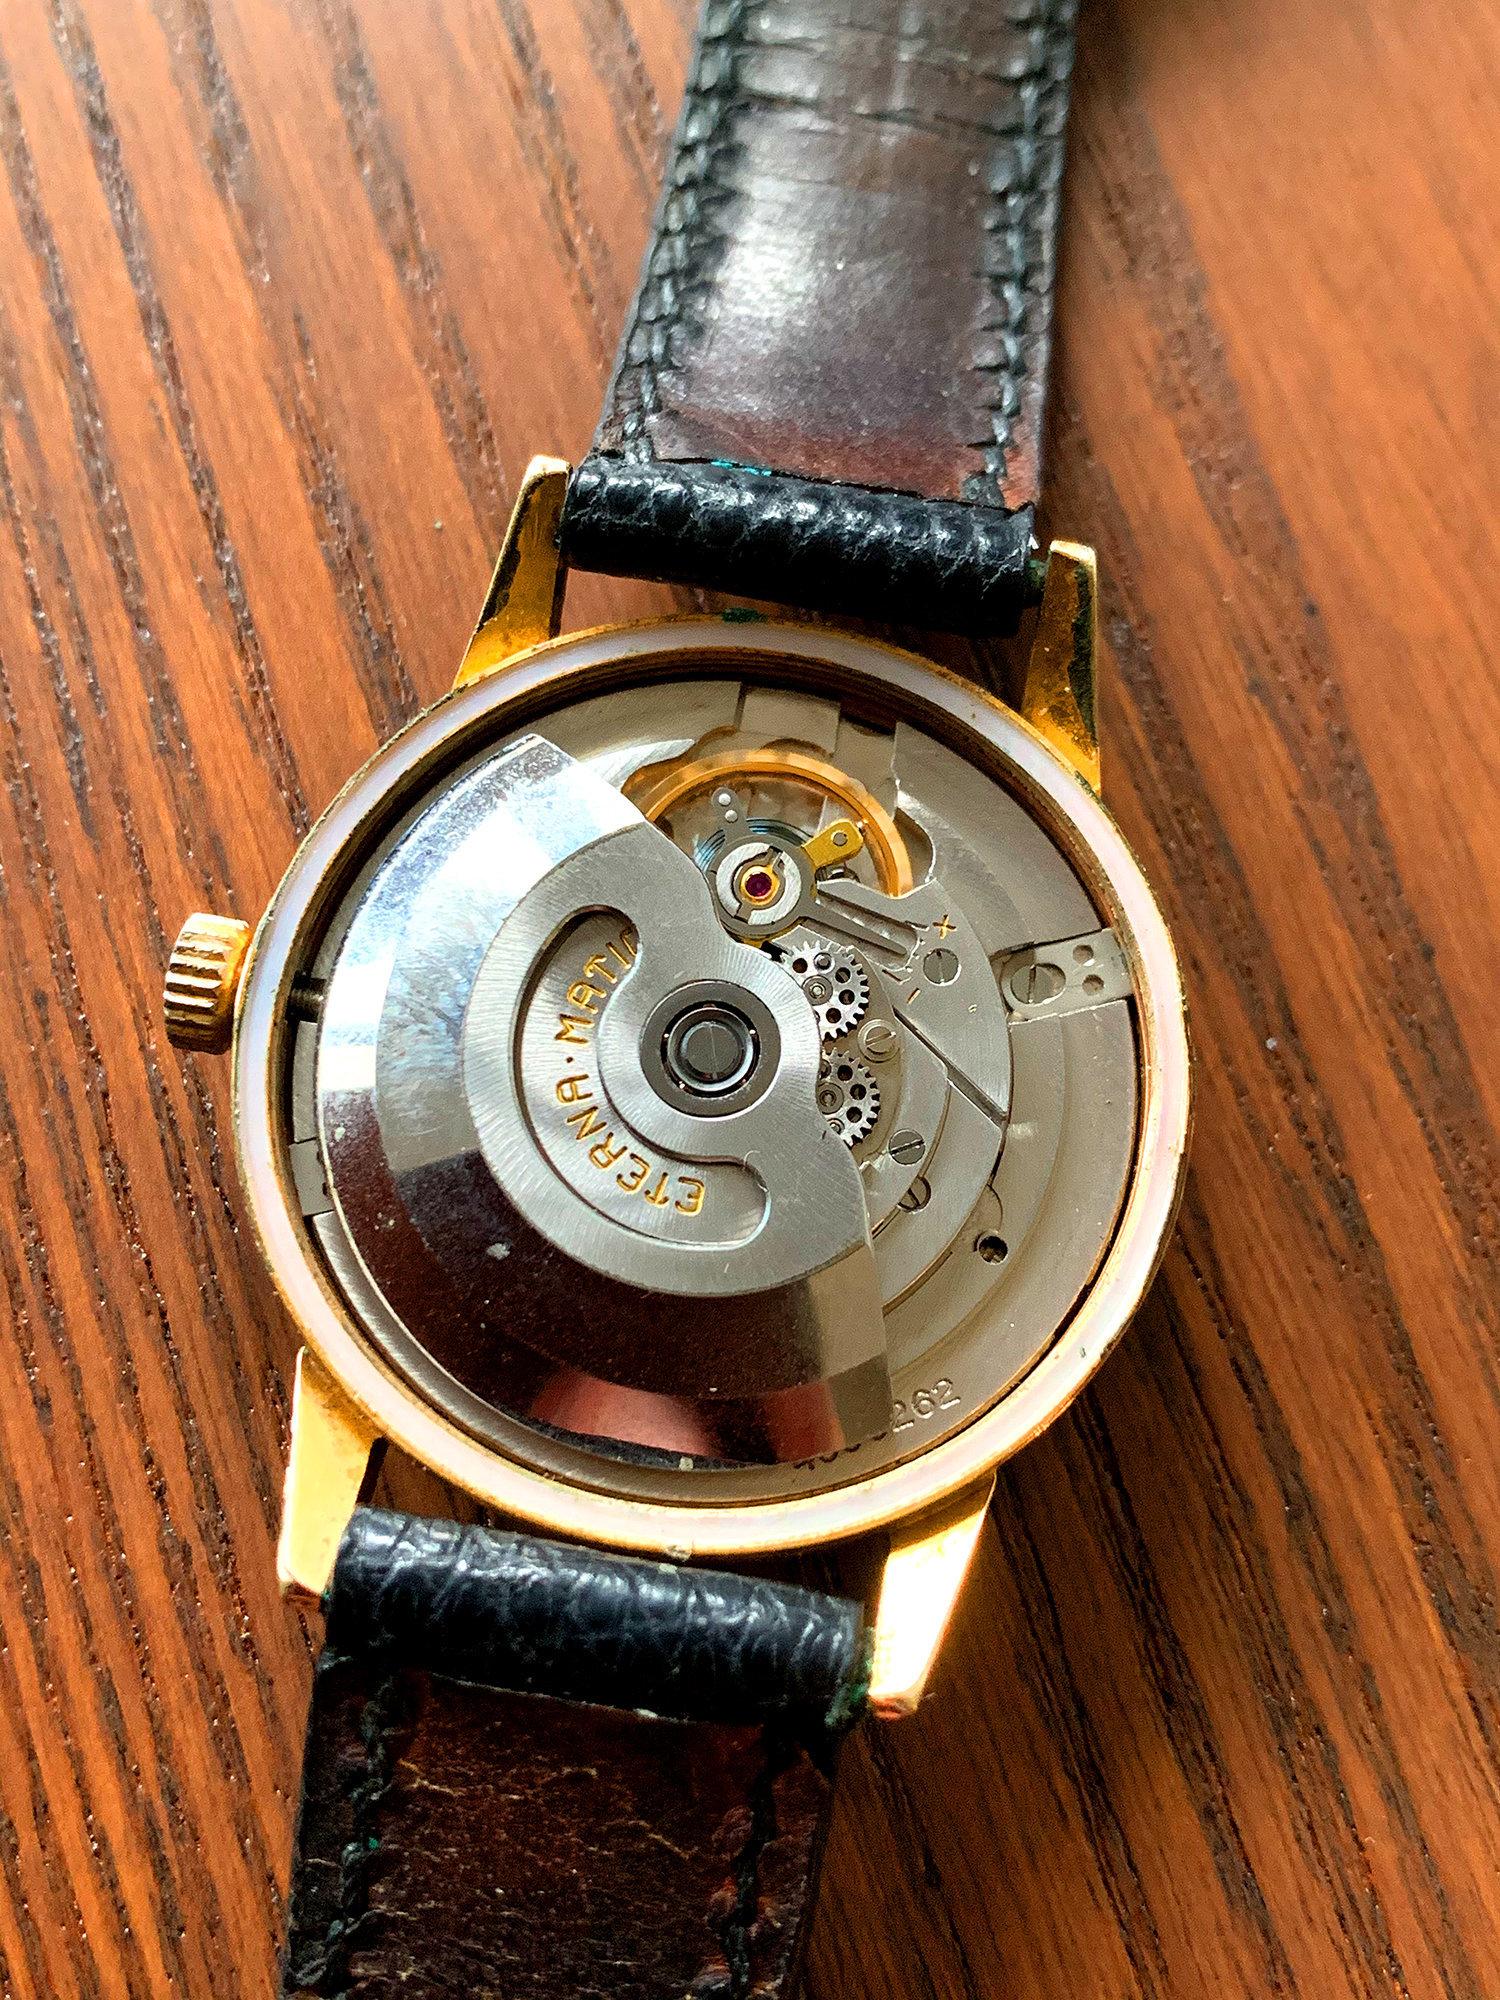 Mido -  [Postez ICI les demandes d'IDENTIFICATION et RENSEIGNEMENTS de vos montres] - Page 35 1579962495-2